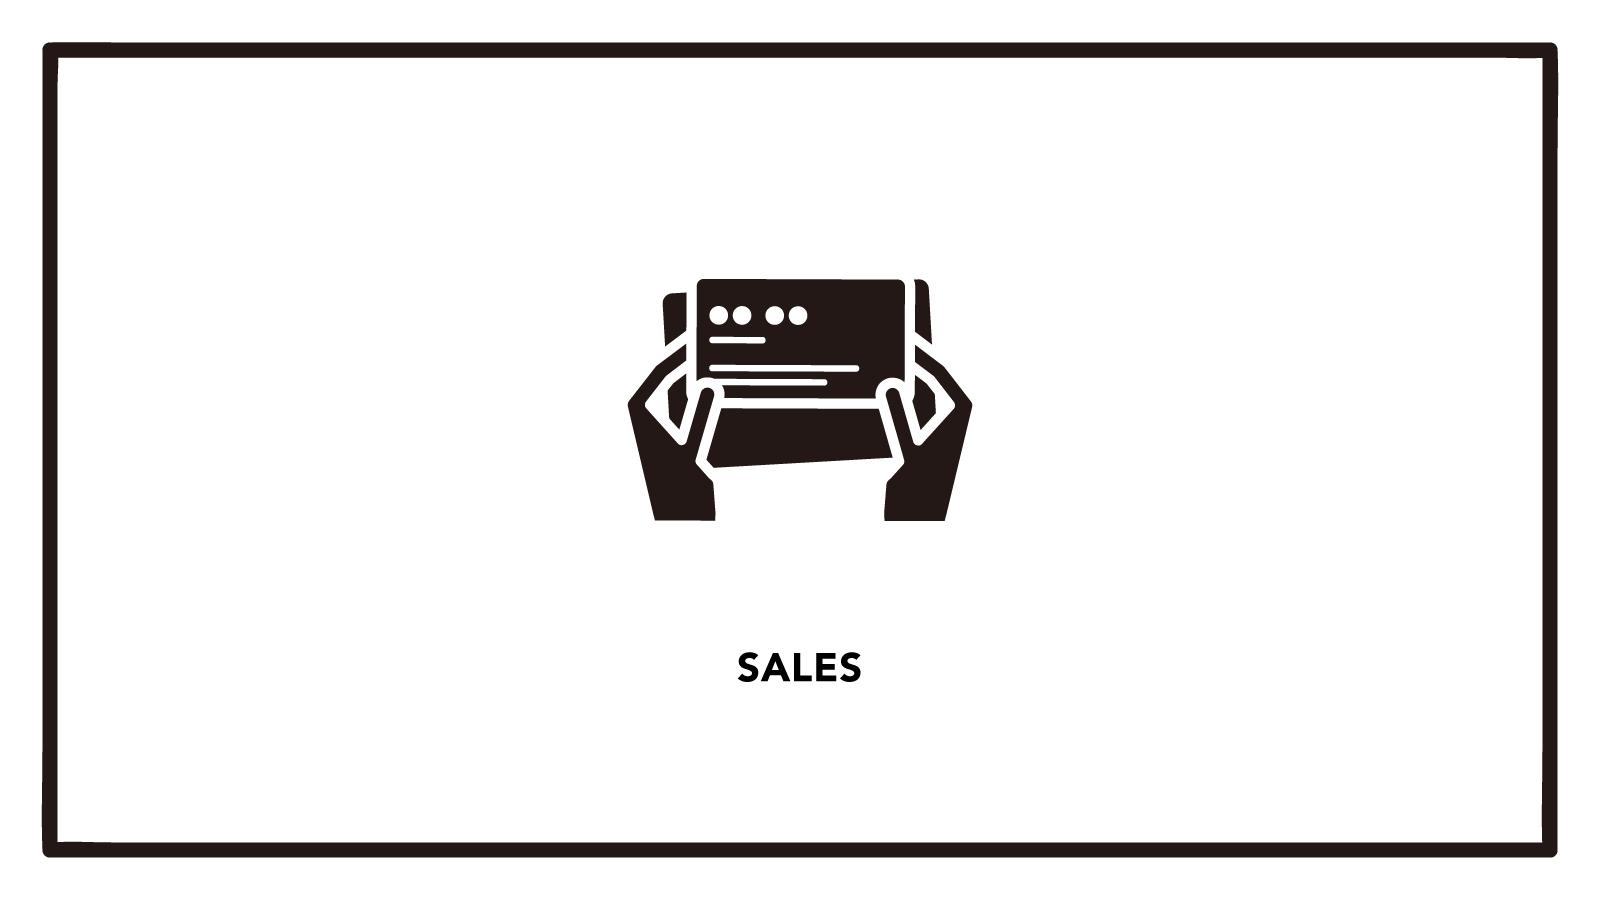 【営業/DB募集】若者に人気のレディースブランドで働きませんか!のカバー写真